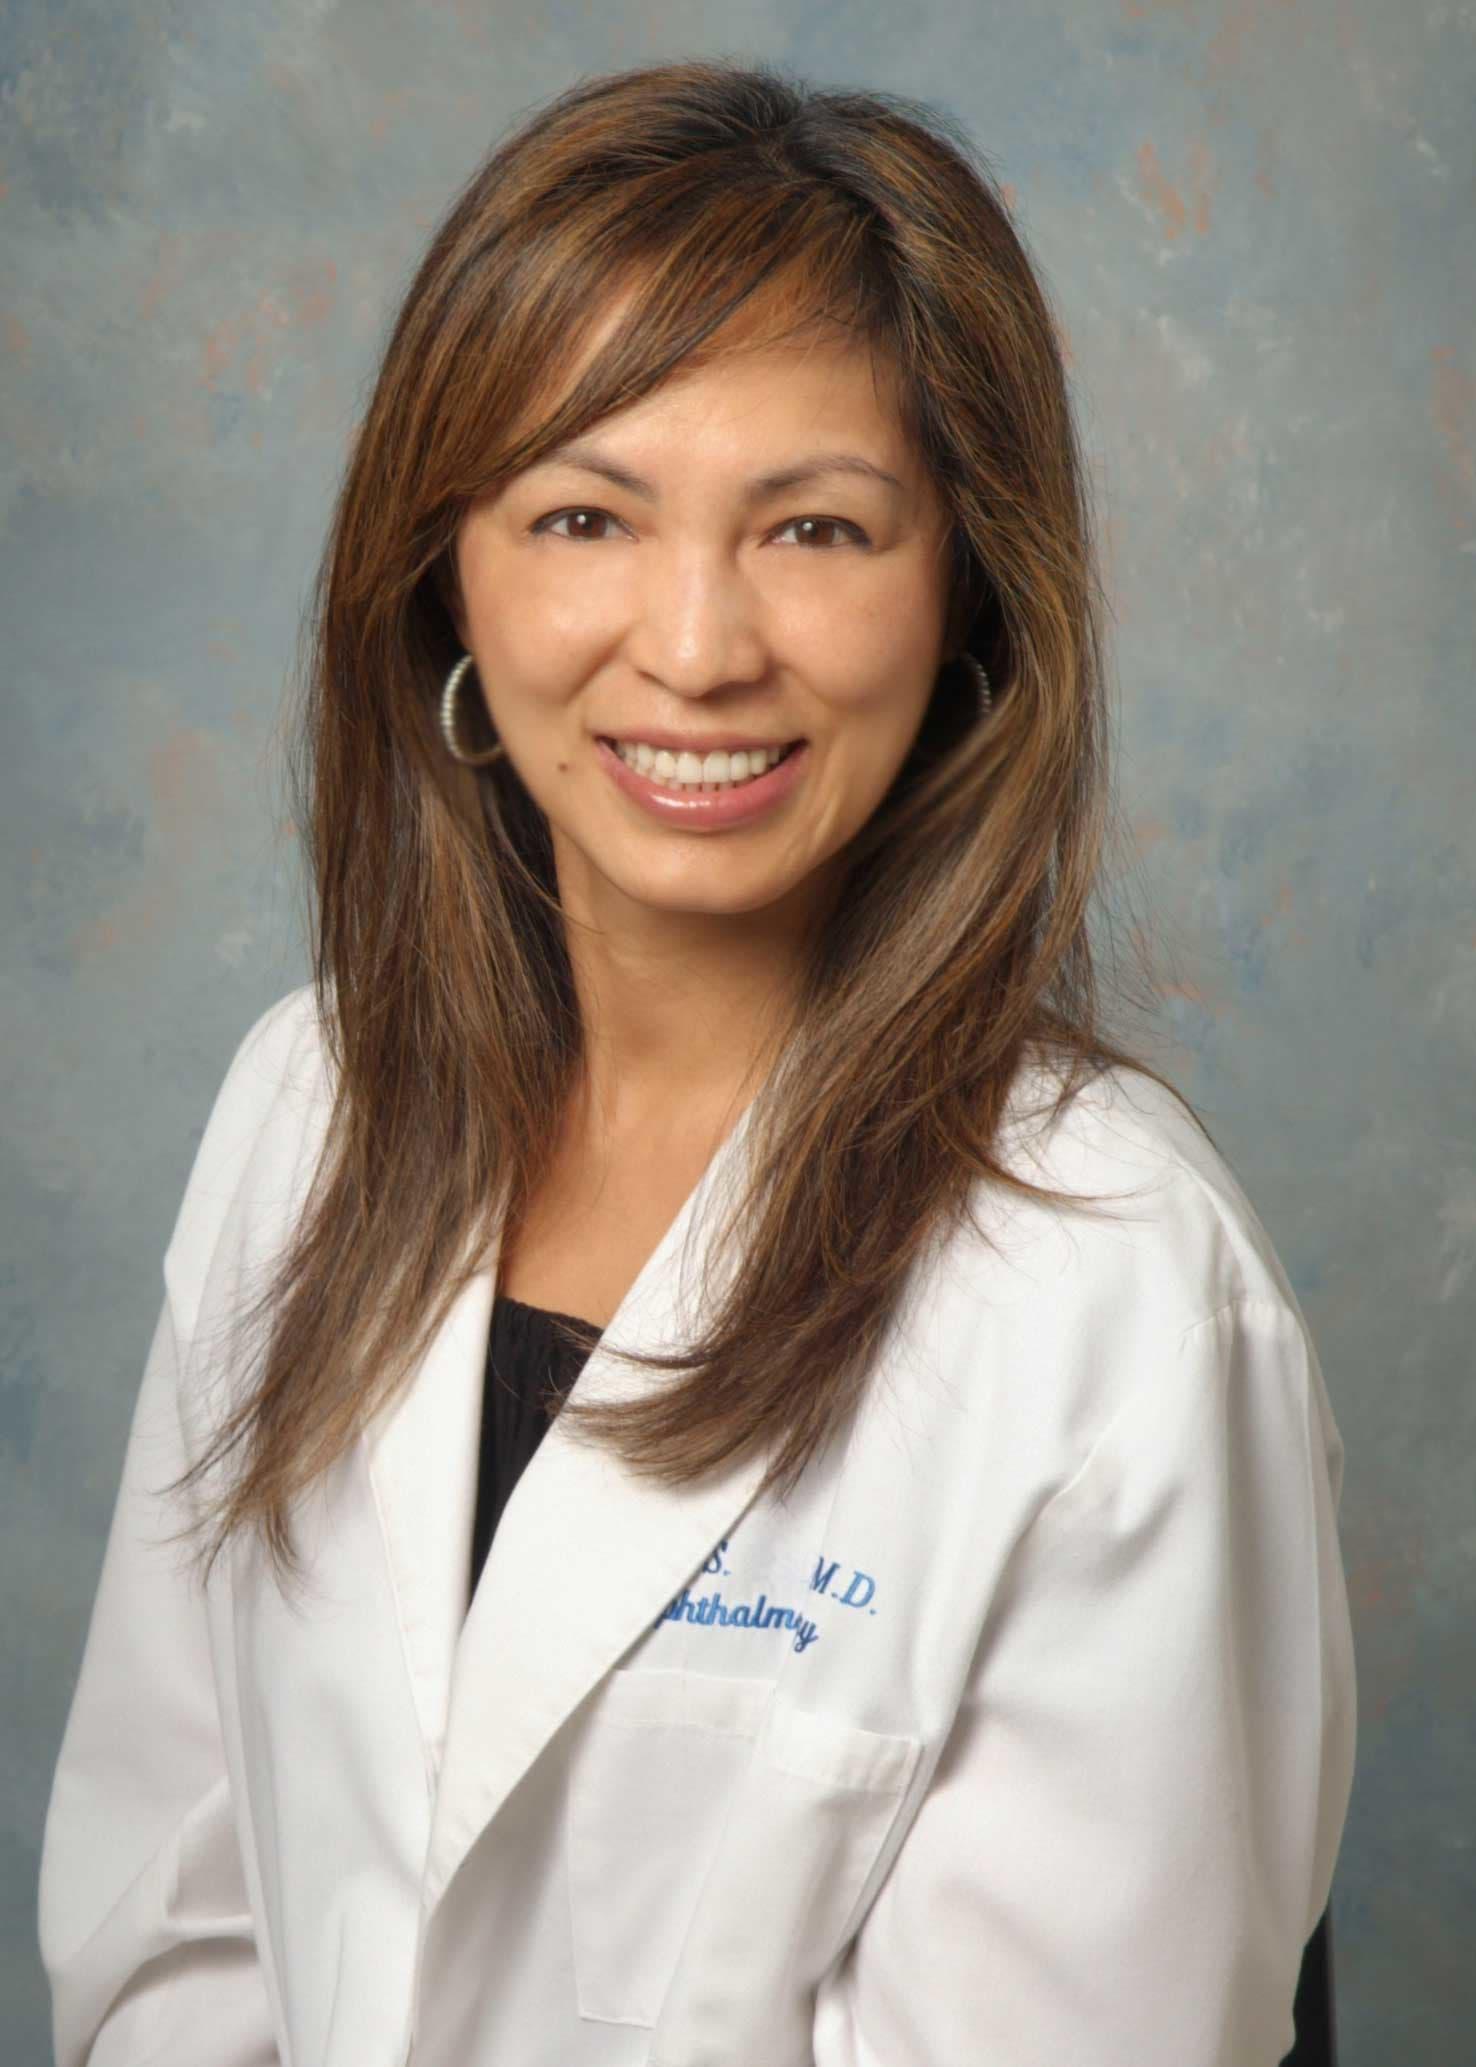 Dr. Margaret W Gribble MD